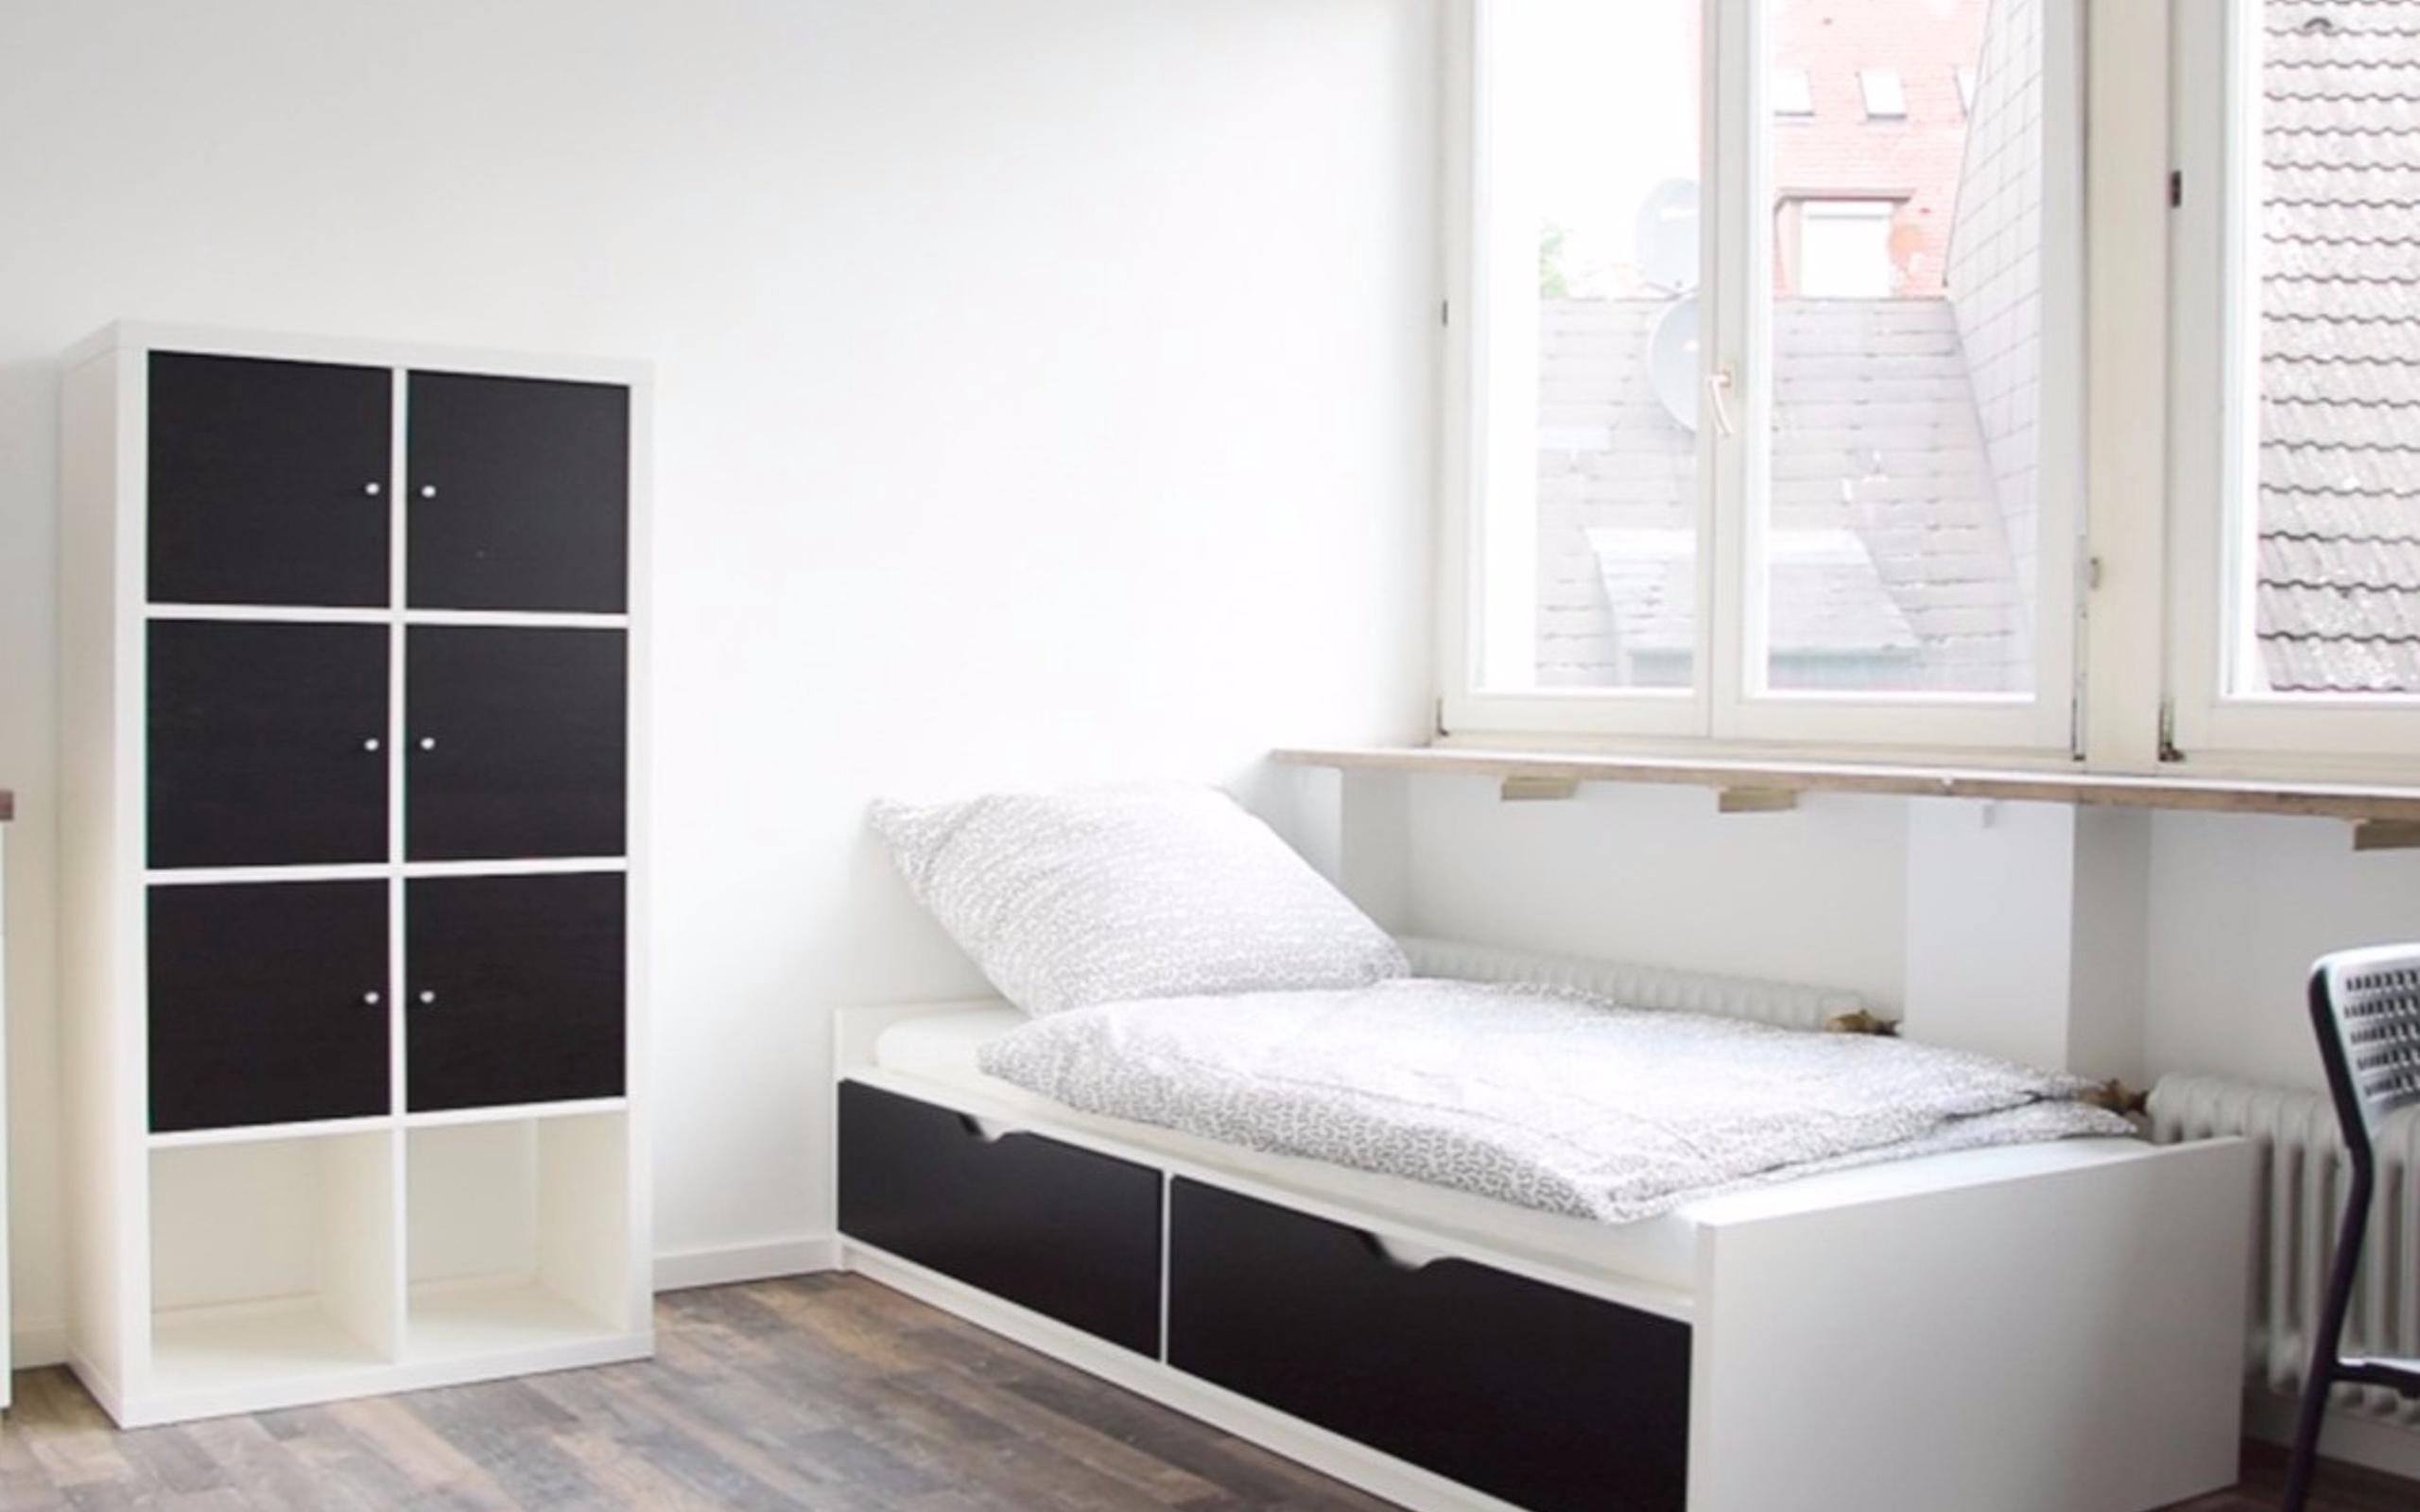 1 Zimmerwohnung Mit Tv Kuchenzeile Dusche Wc Internet